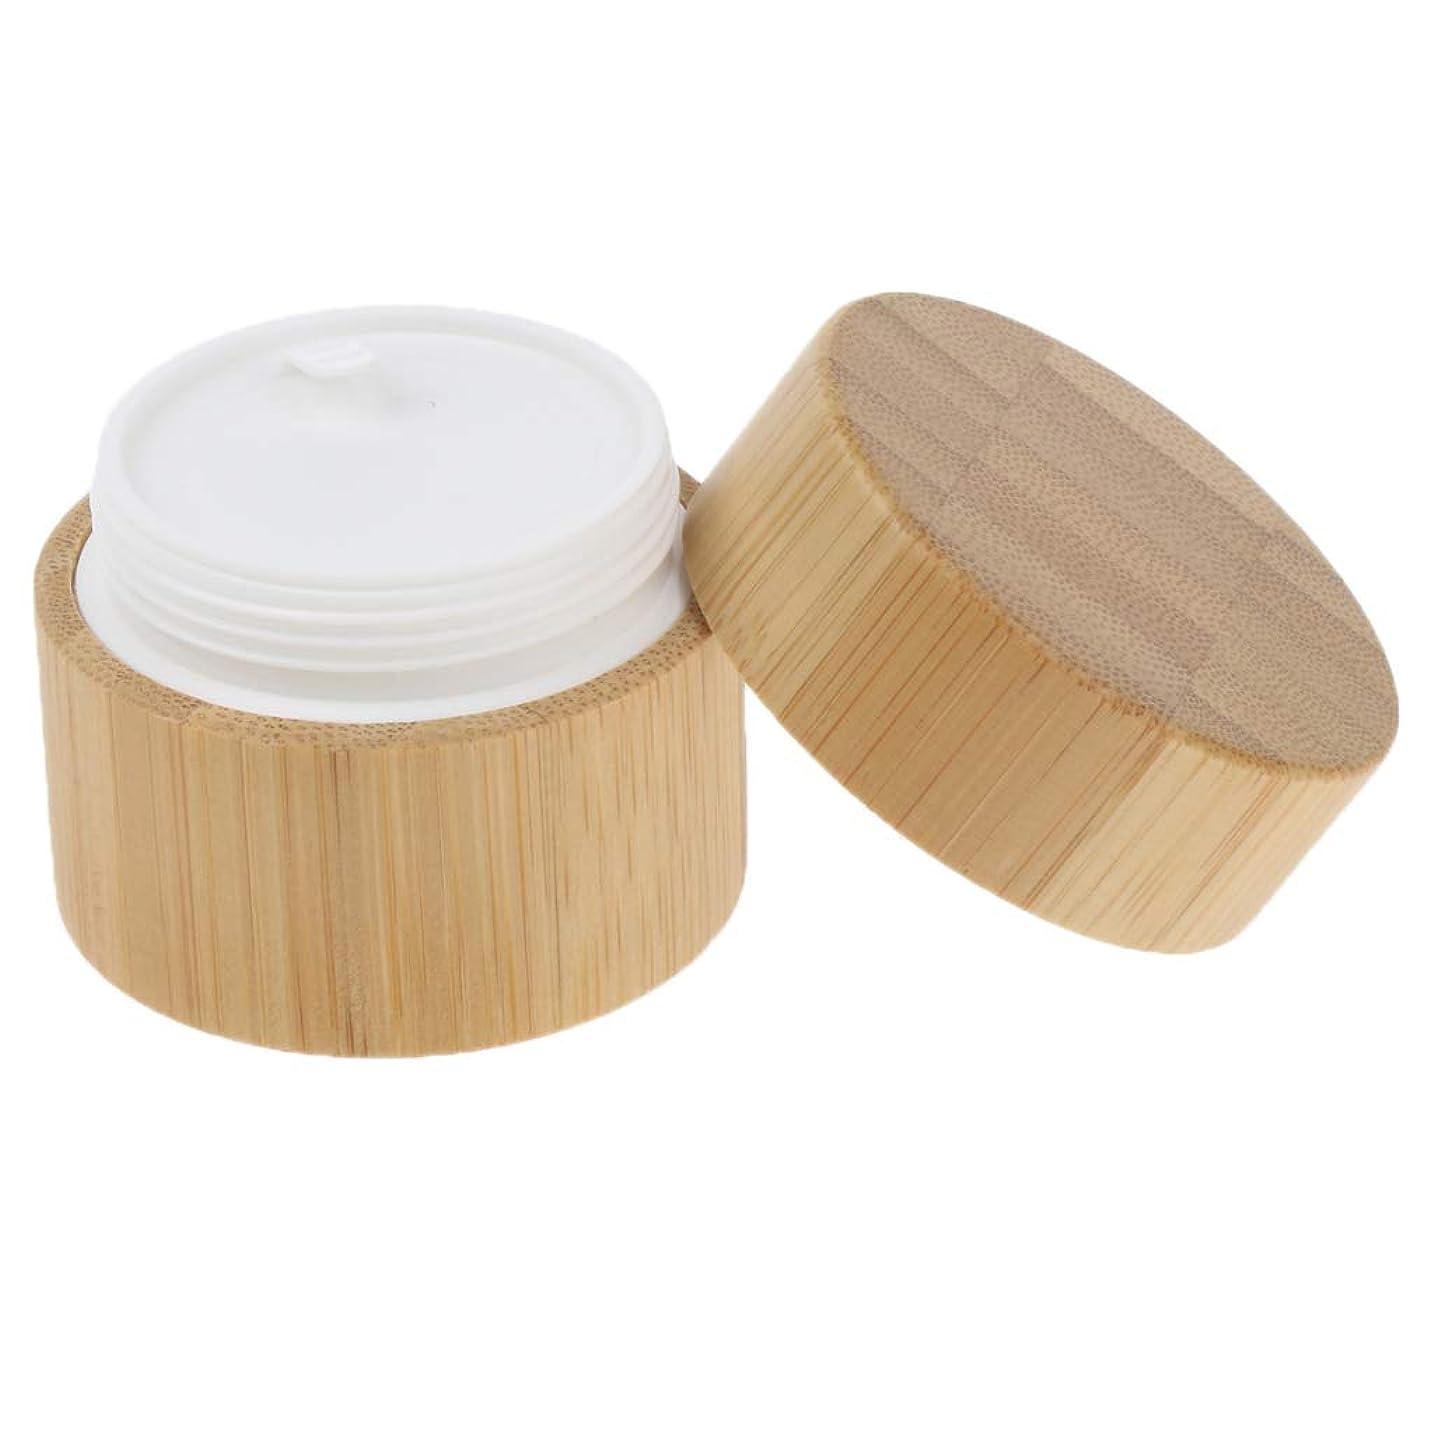 ベーカリー格差追加するFLAMEER ナチュラル 竹木 ラウンド クリームコンテナ リップバーム コスメ 化粧品容器 2サイズ選べ  - 30g